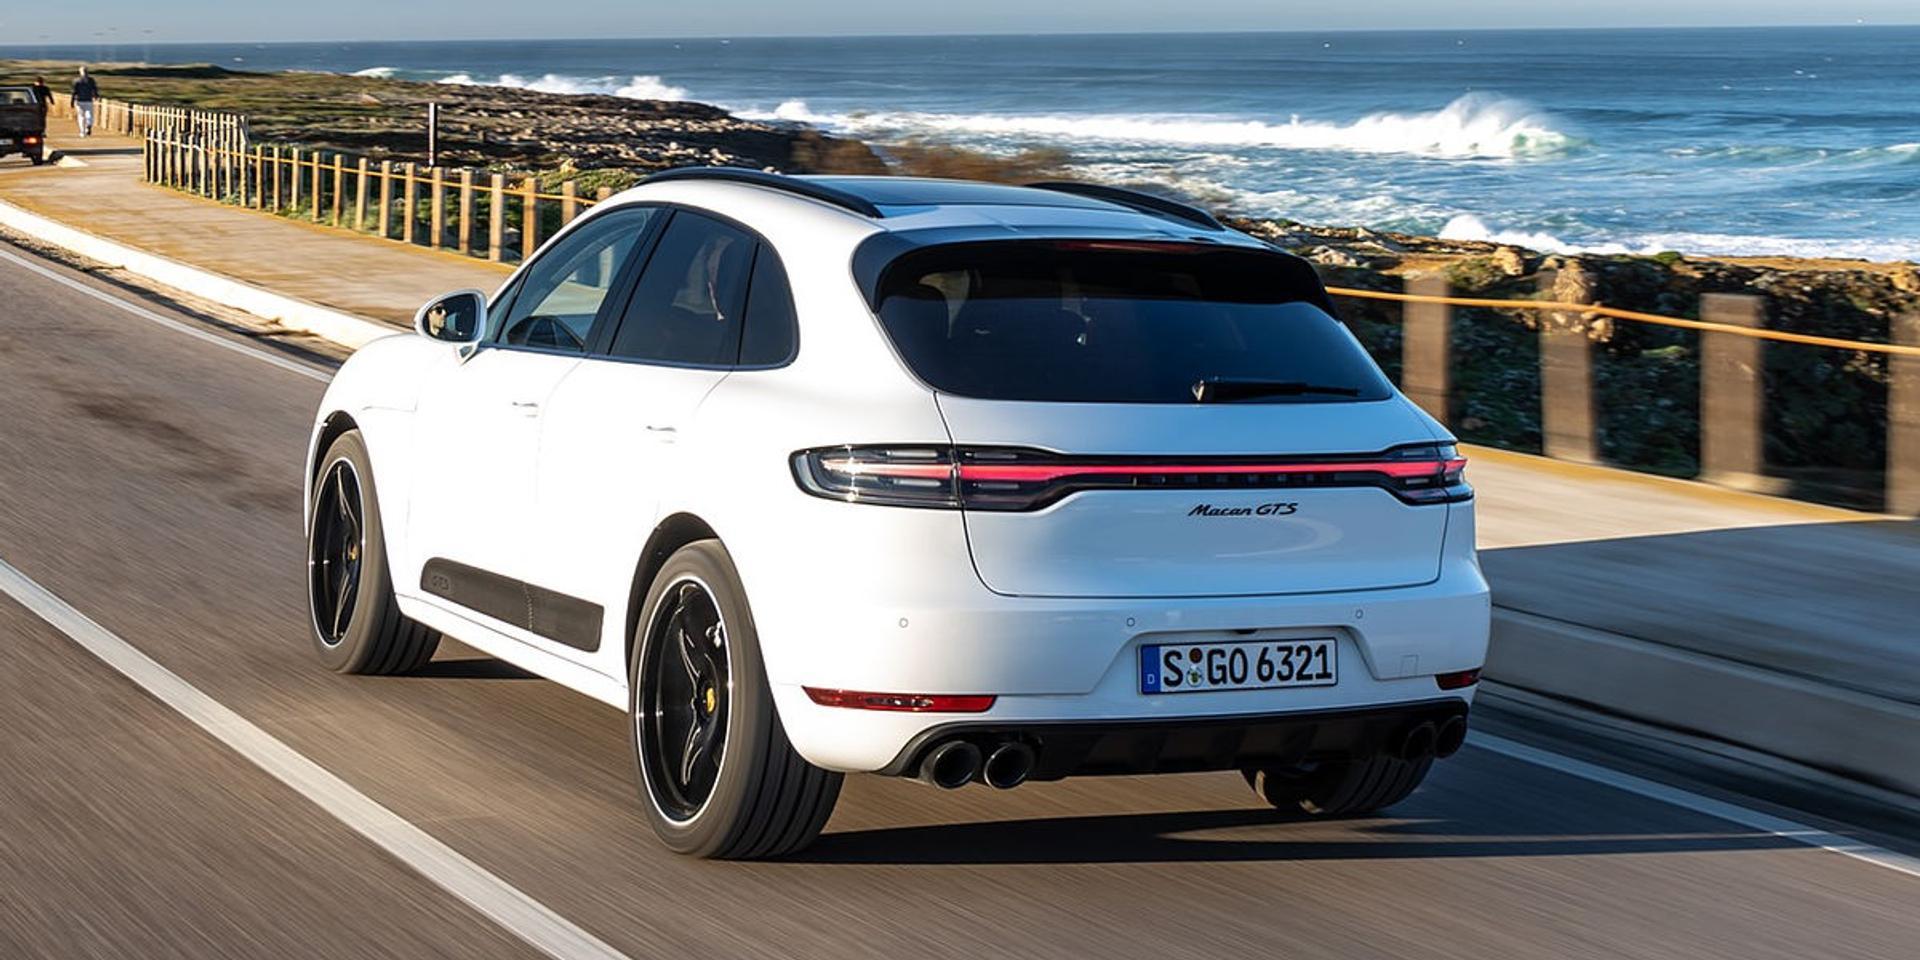 Porsche Macan rear view